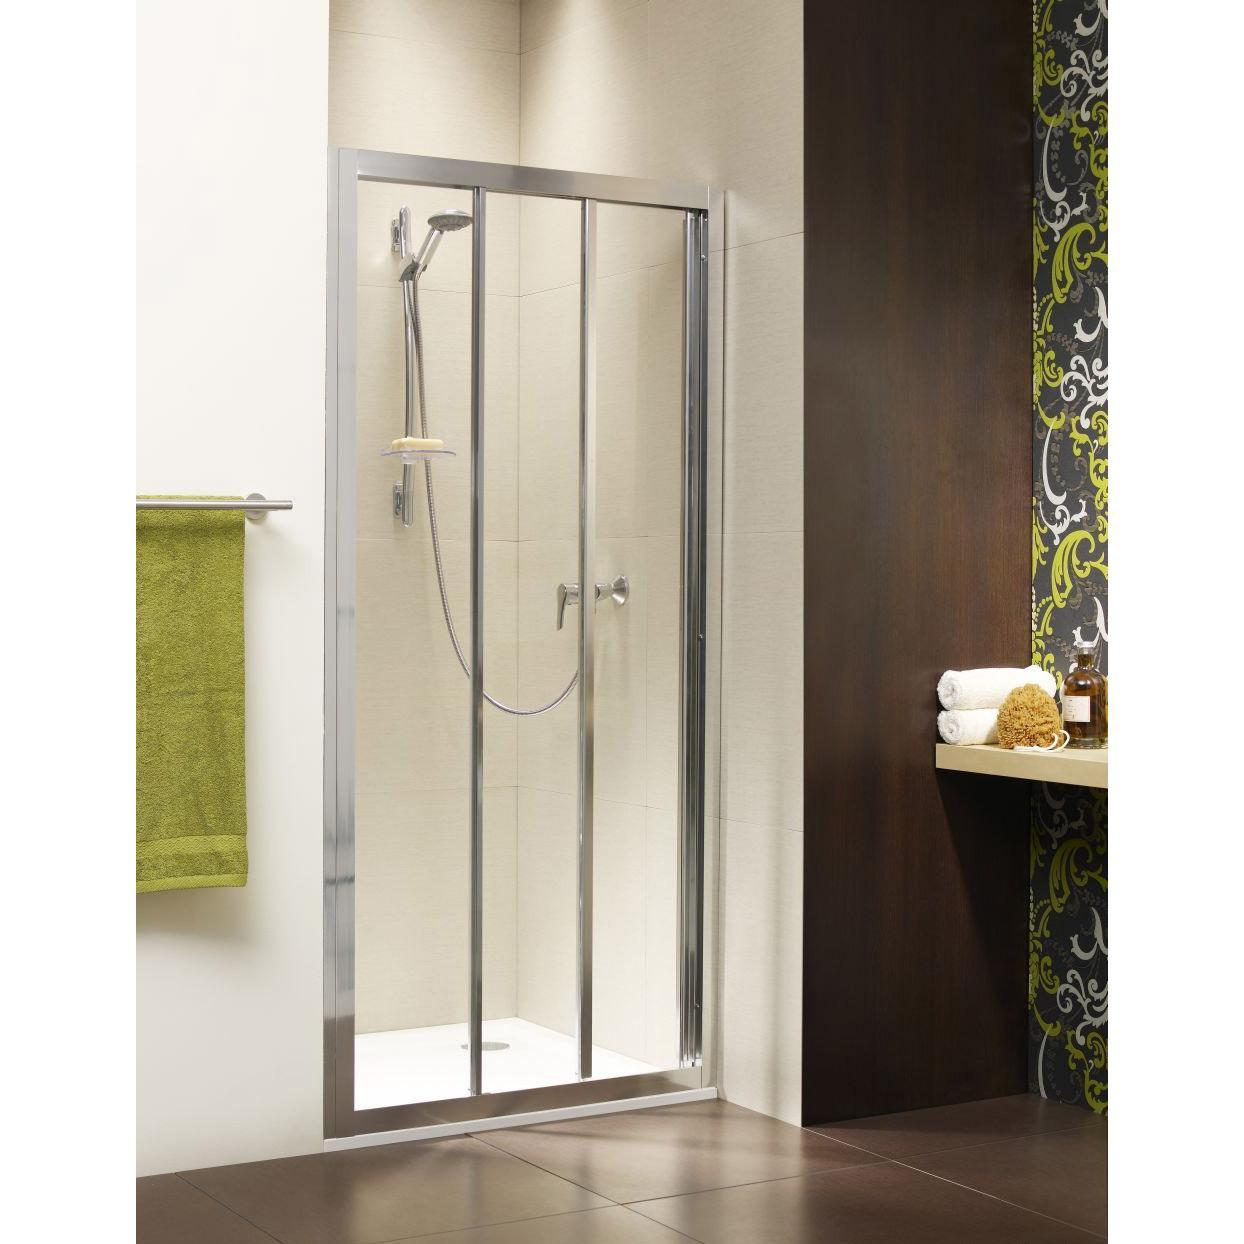 Душевая дверь Radaway Treviso DW 80 хром/фабрик душевая дверь radaway treviso dw 100 хром коричневое